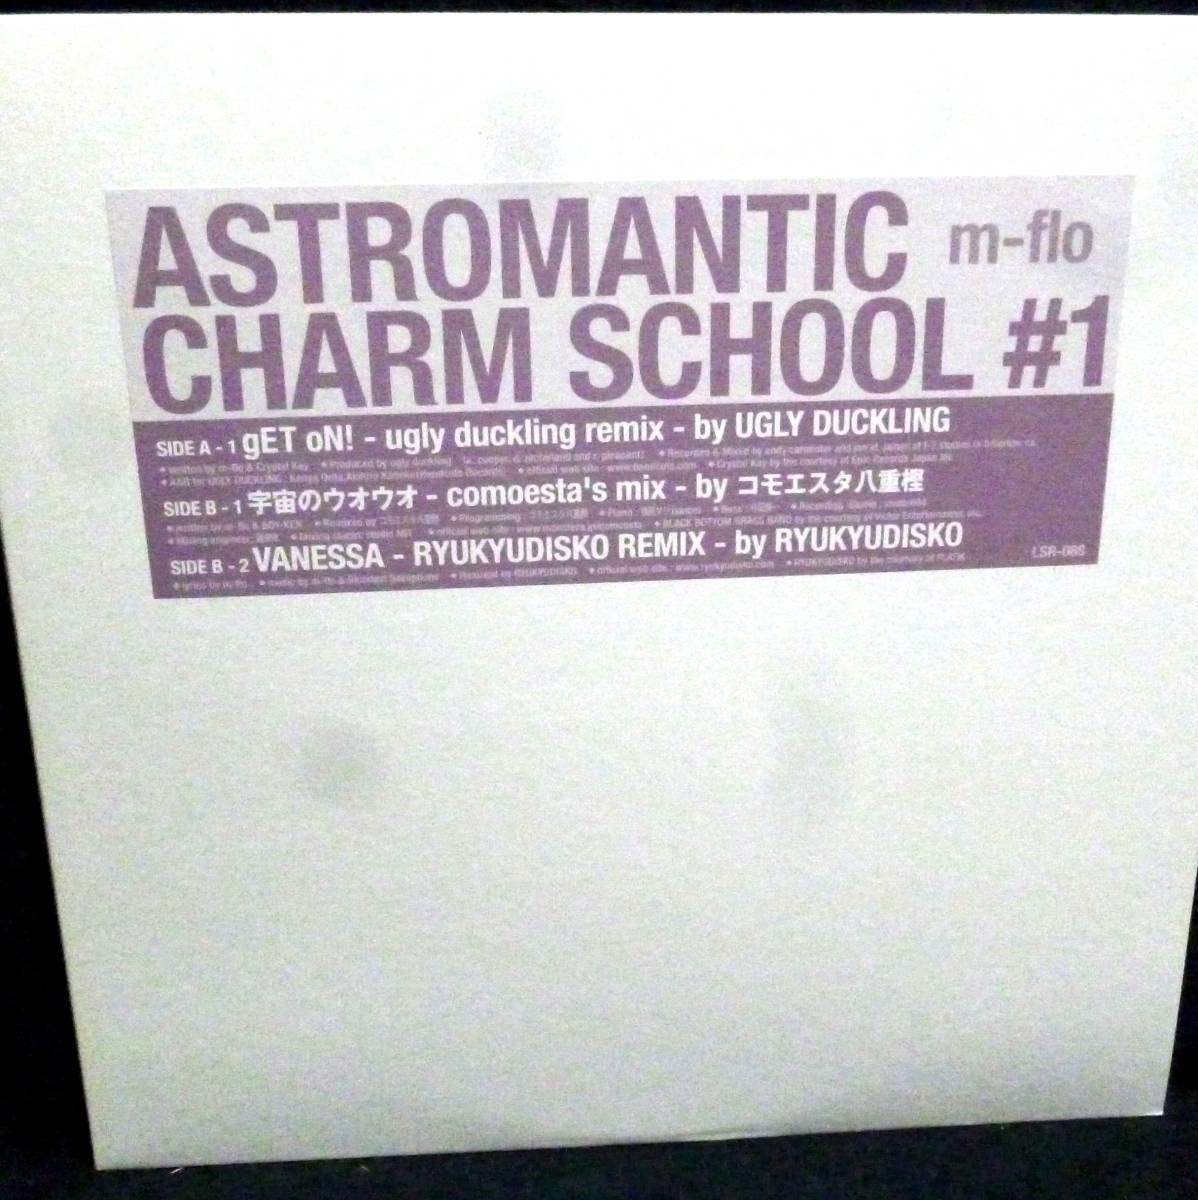 ◇ m-flo Astromantic Charm Scho...